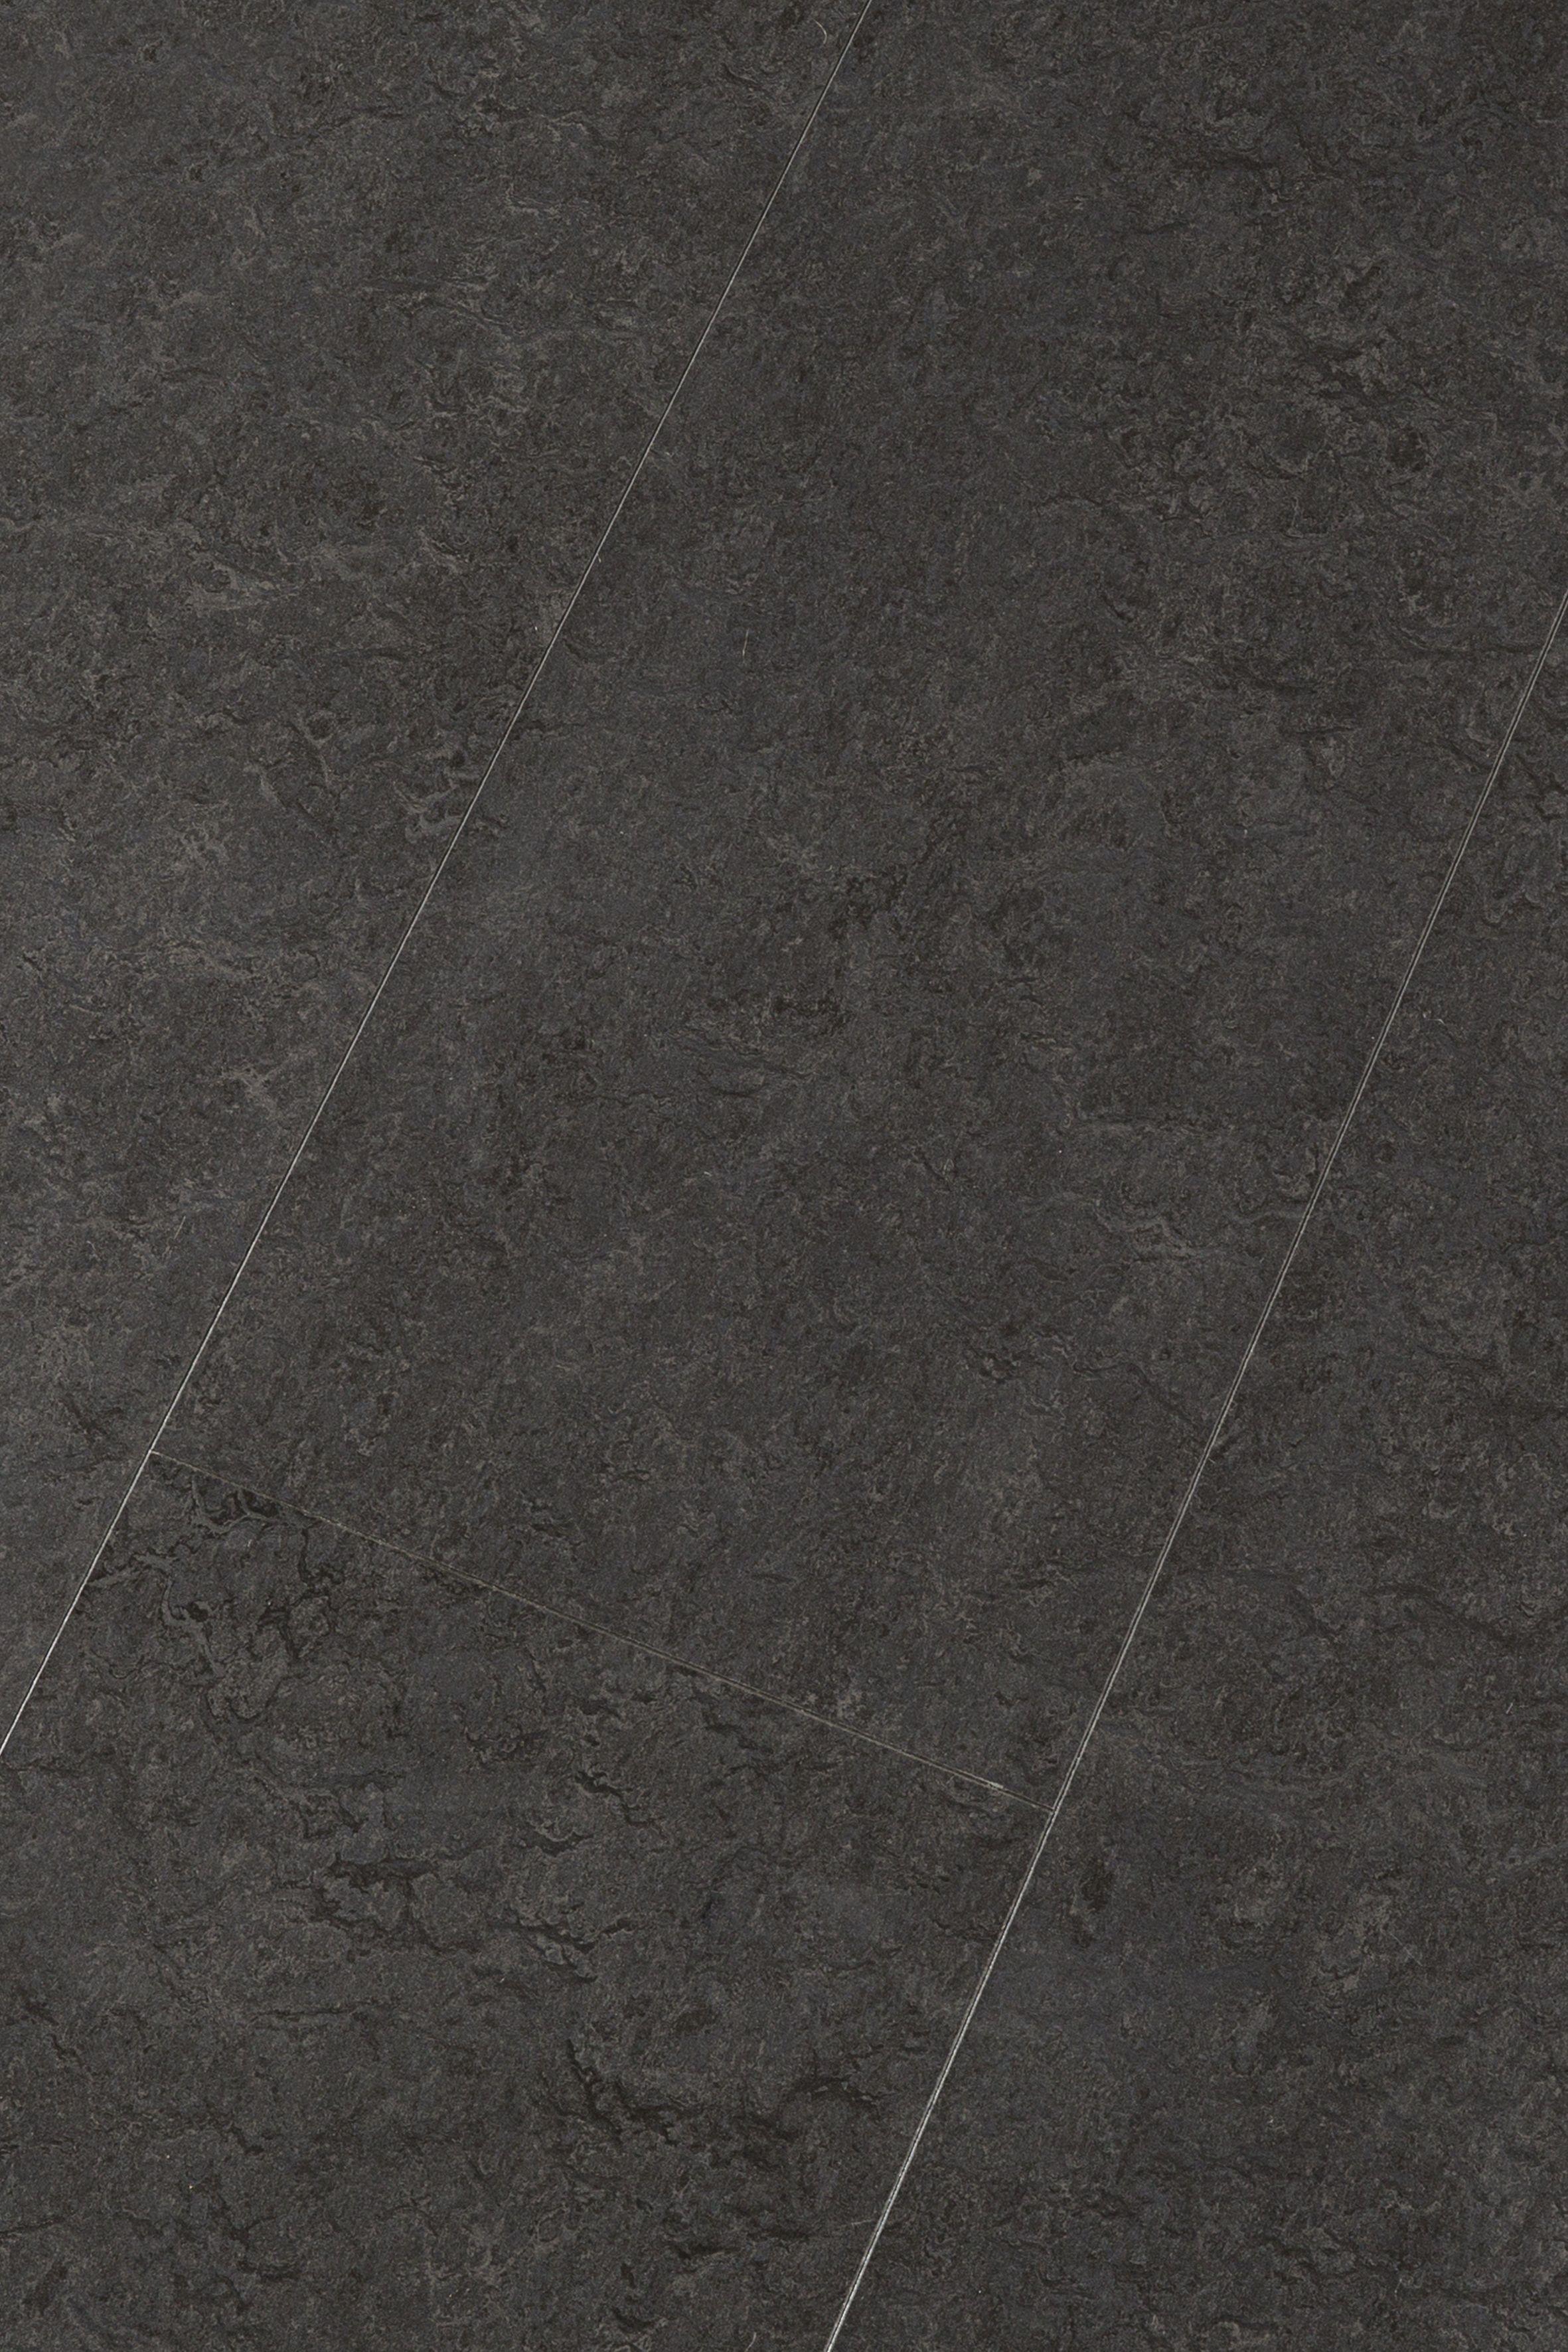 03.269 Linoleum Schiefer anthrazit | Linoleum | Pinterest | Schiefer ...